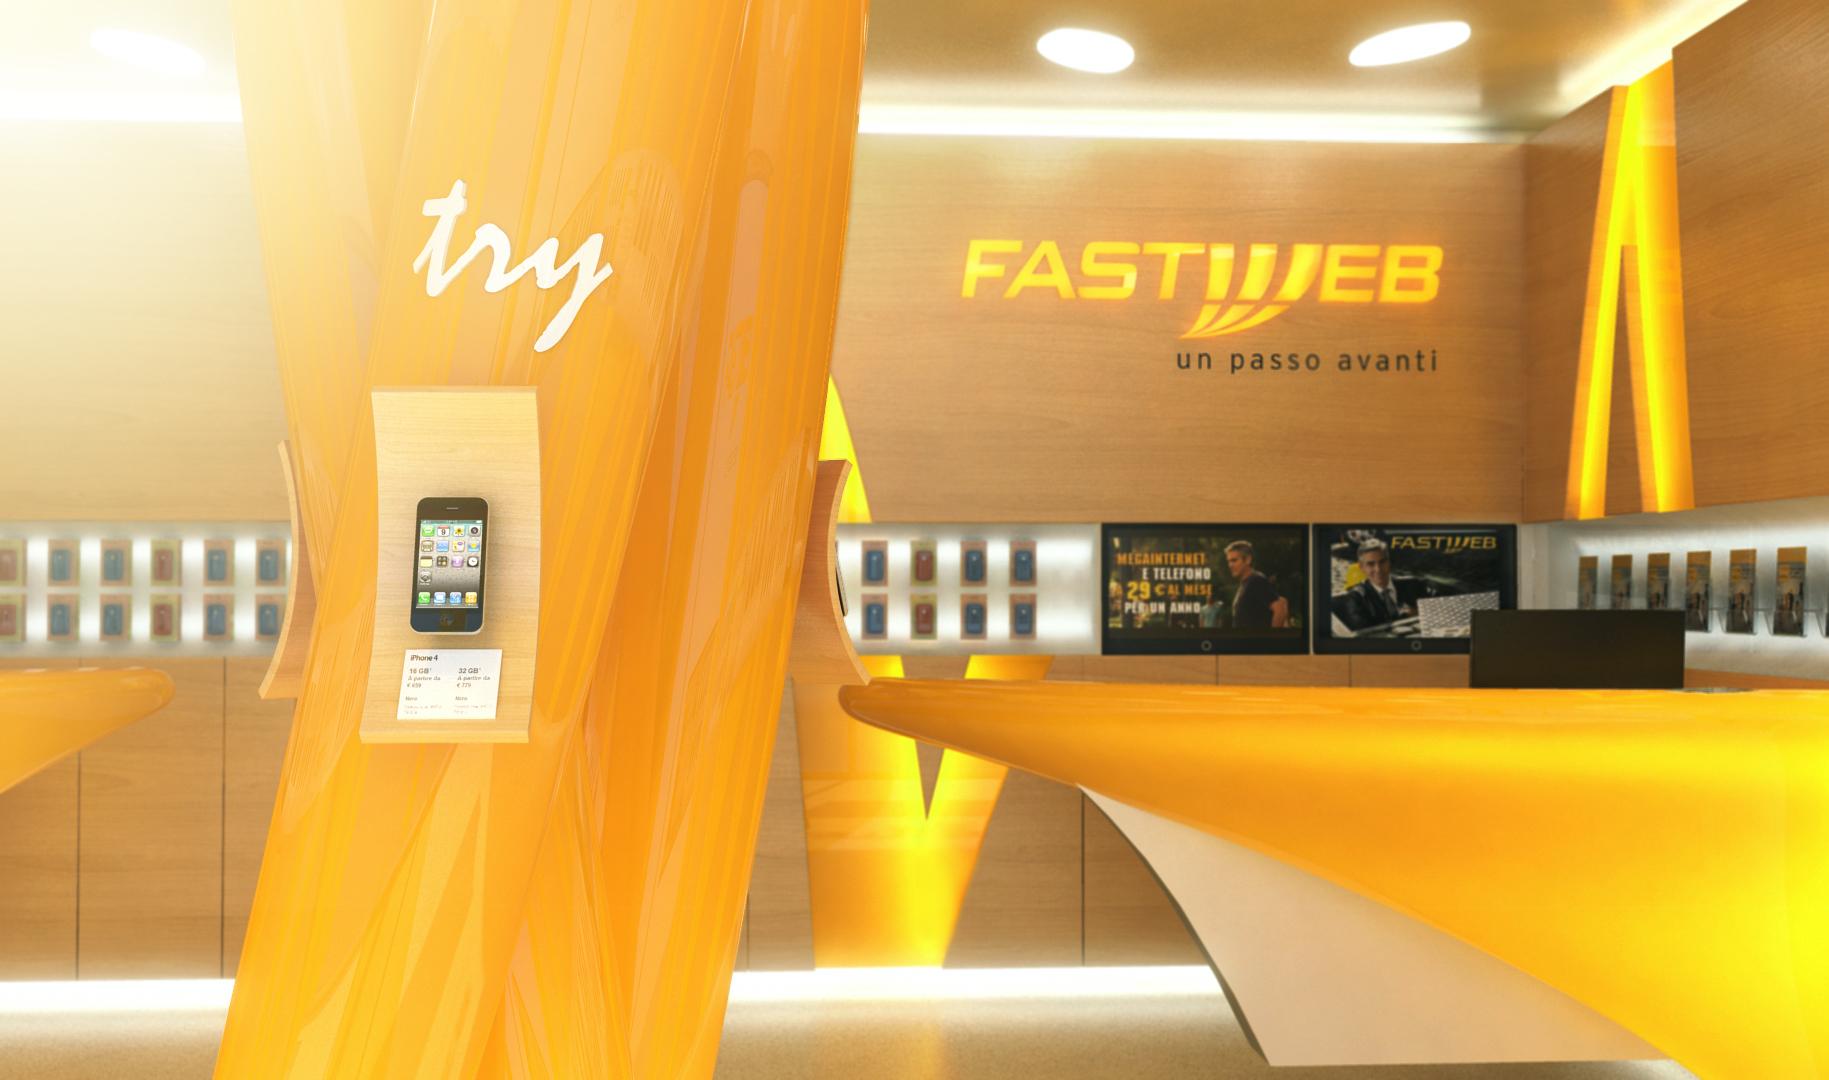 Fastweb mobile 3 rinnovi gratis ai nuovi clienti che for Magazzini telefonia discount recensioni